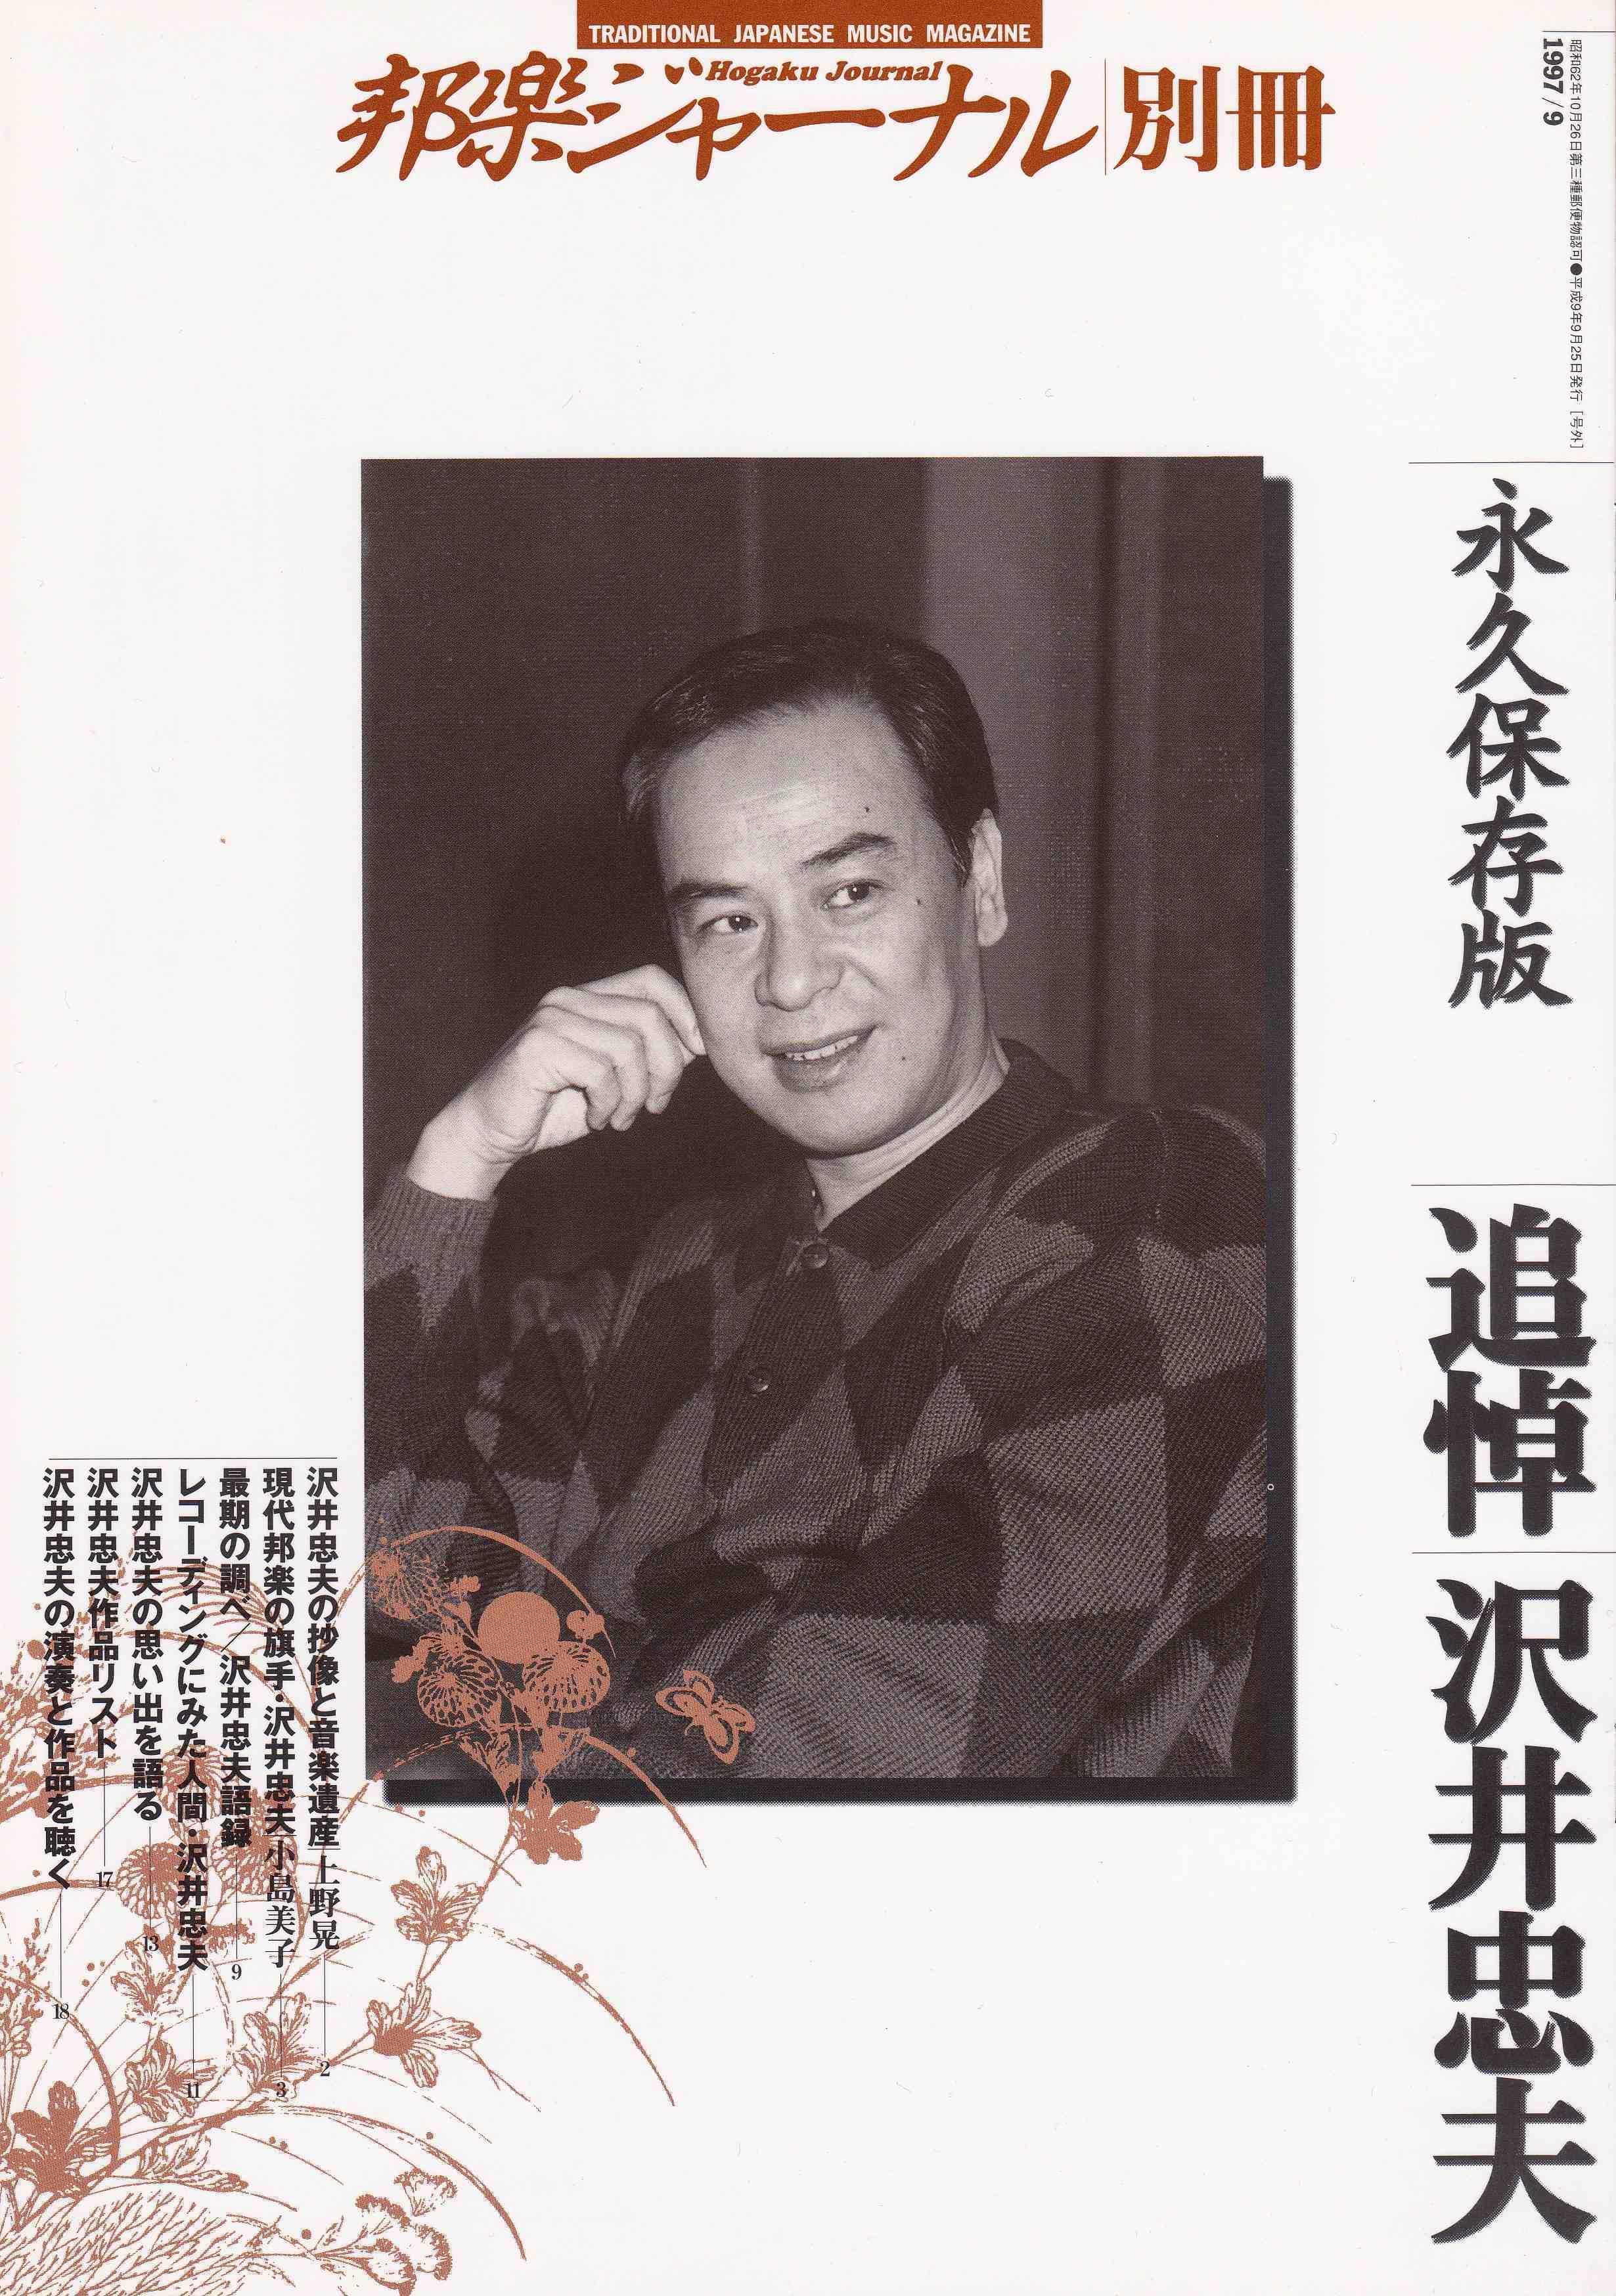 追悼 沢井忠夫[別冊-001]